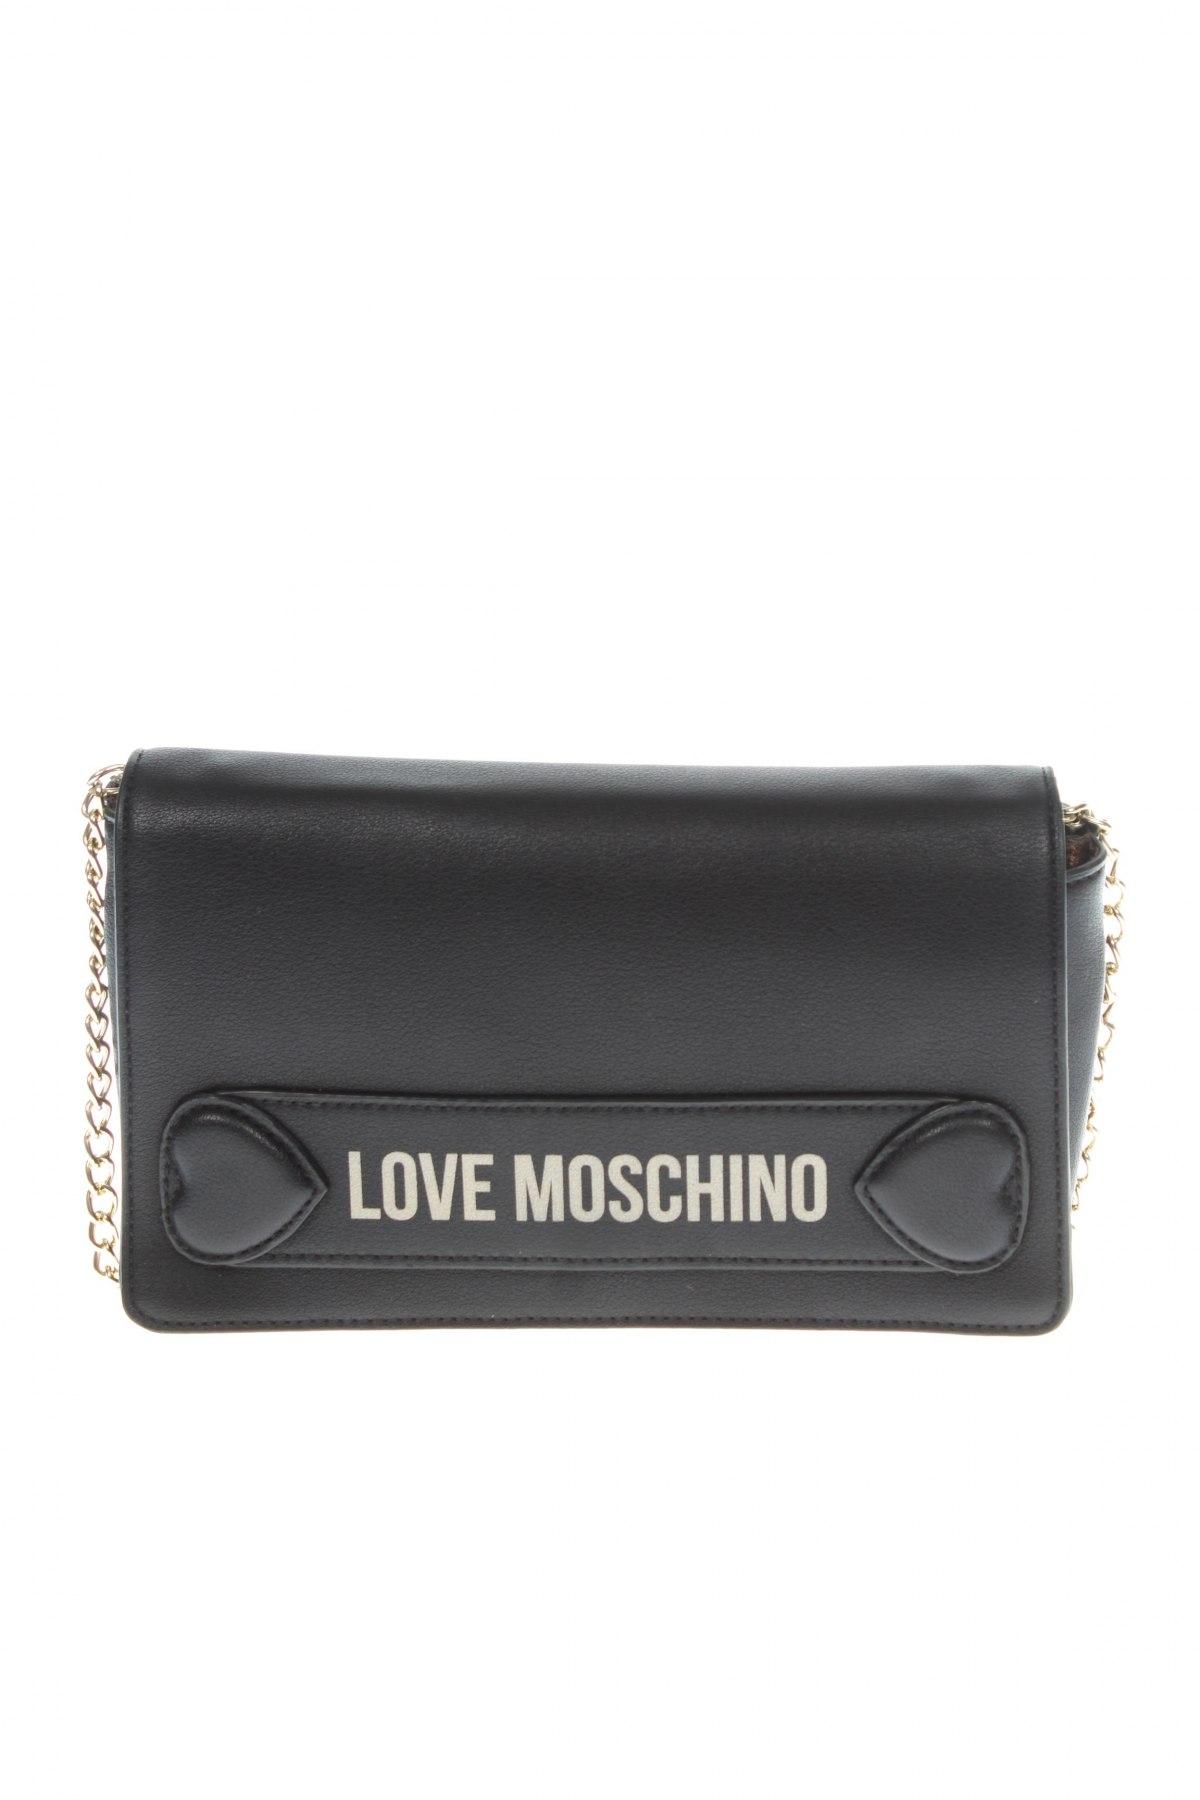 c4c40f42f3 Dámská kabelka Love Moschino - koupit za vyhodné ceny na Remix ...